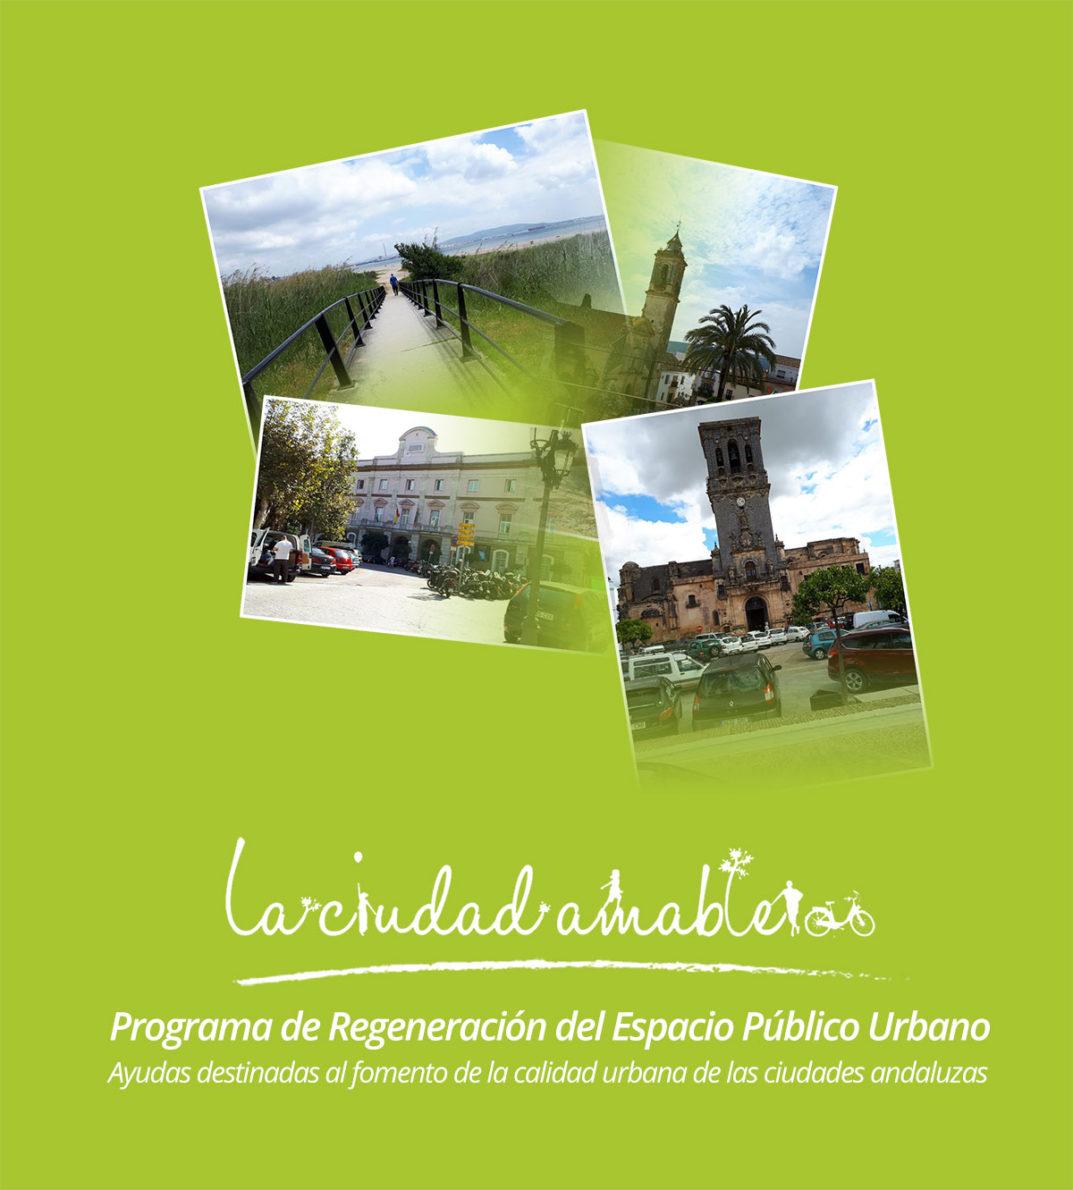 Siete millones y medio para la segunda convocatoria de Ciudad Amable - ITI de Cádiz